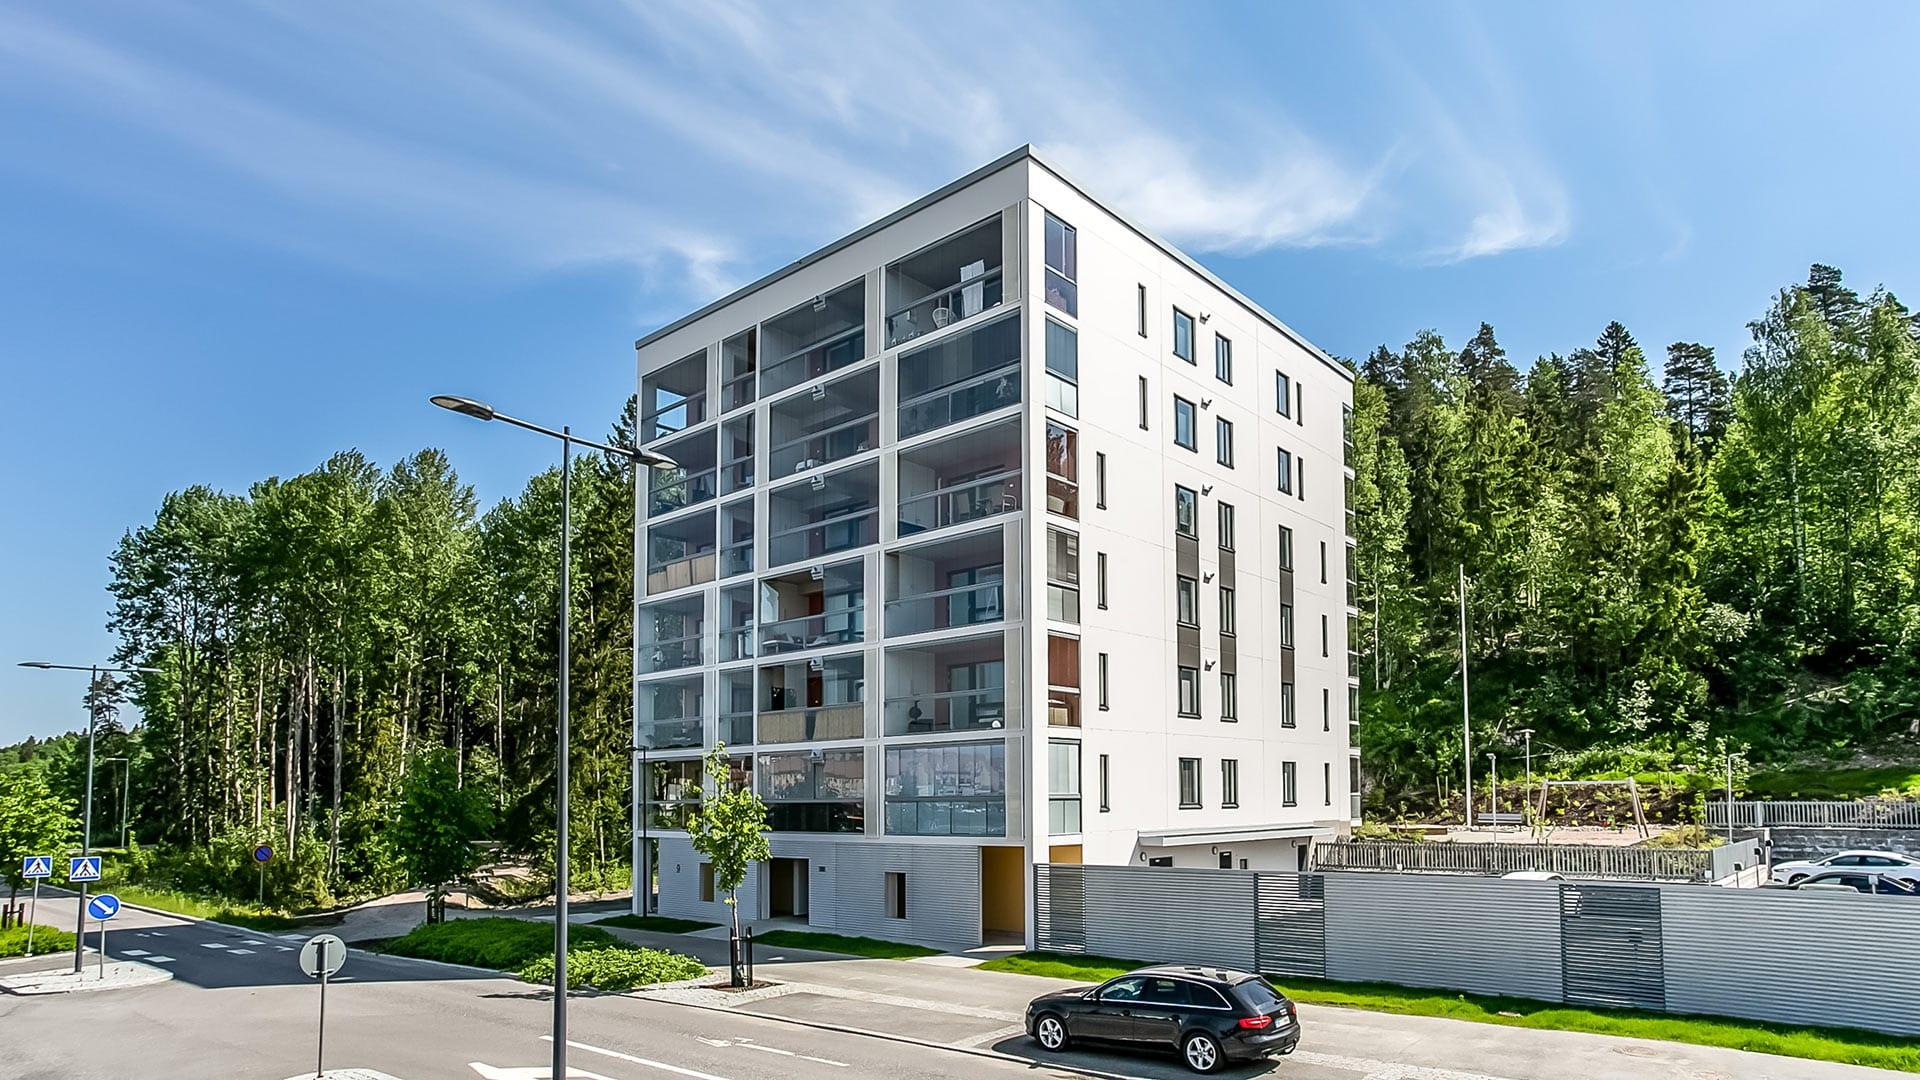 Myytävät asunnot Klaukkala - Nurmijärven Unikko, Viirinlaakso